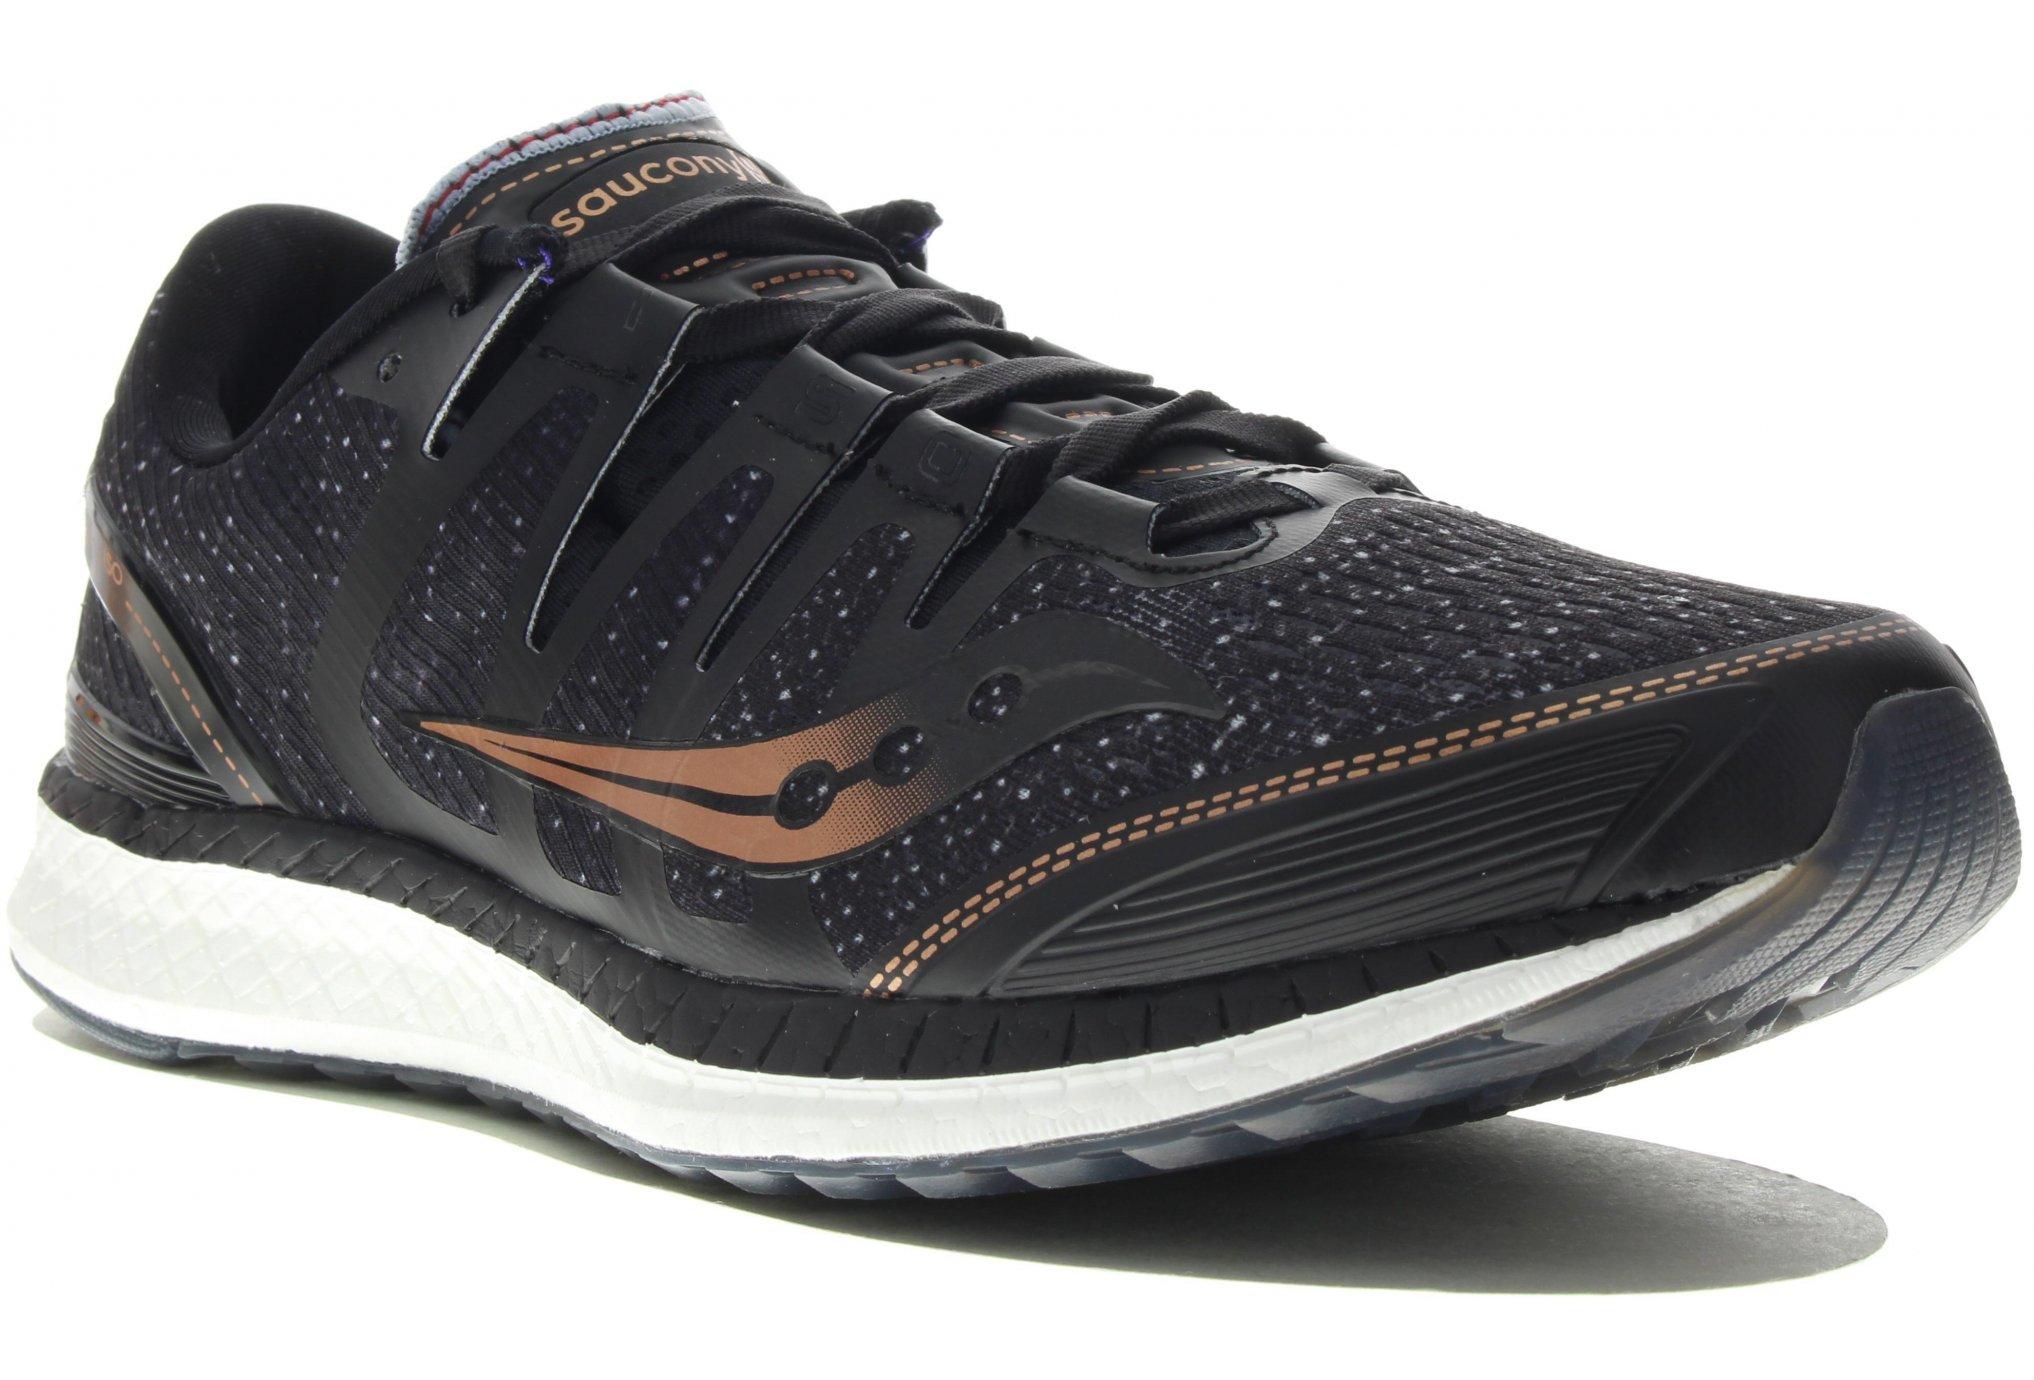 Saucony Liberty ISO M Diététique Chaussures homme